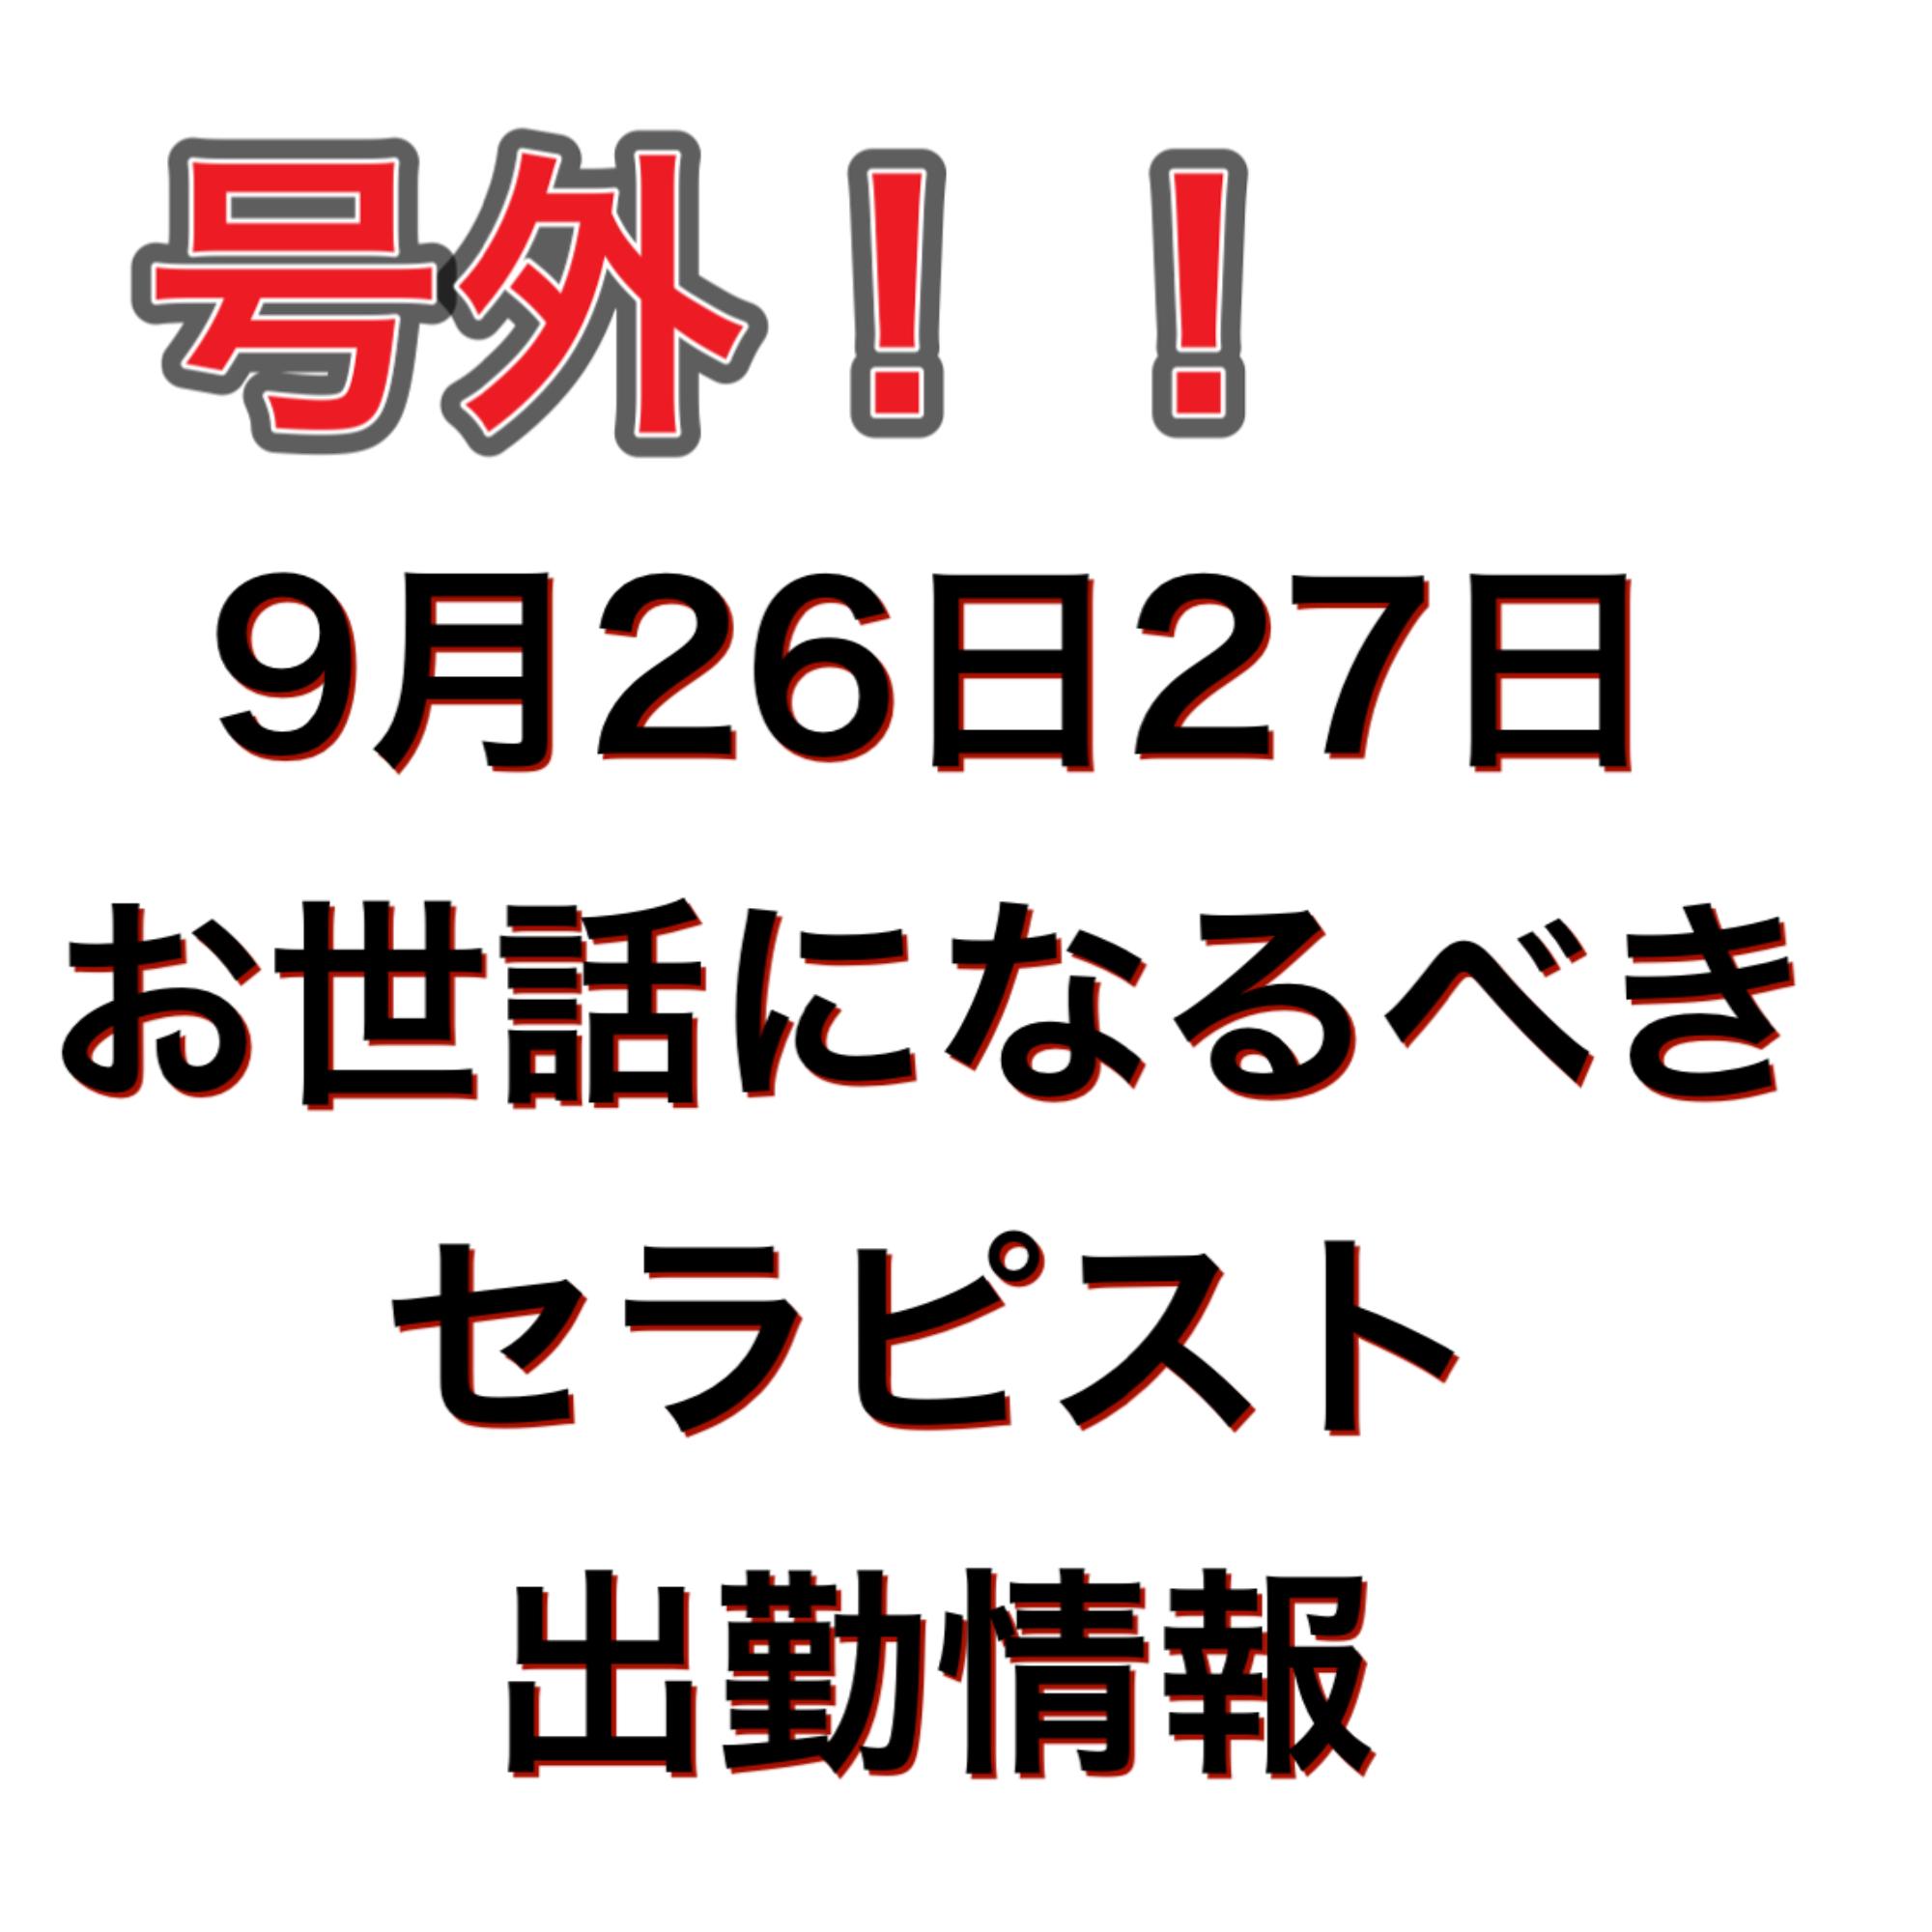 20200926012250326.jpeg